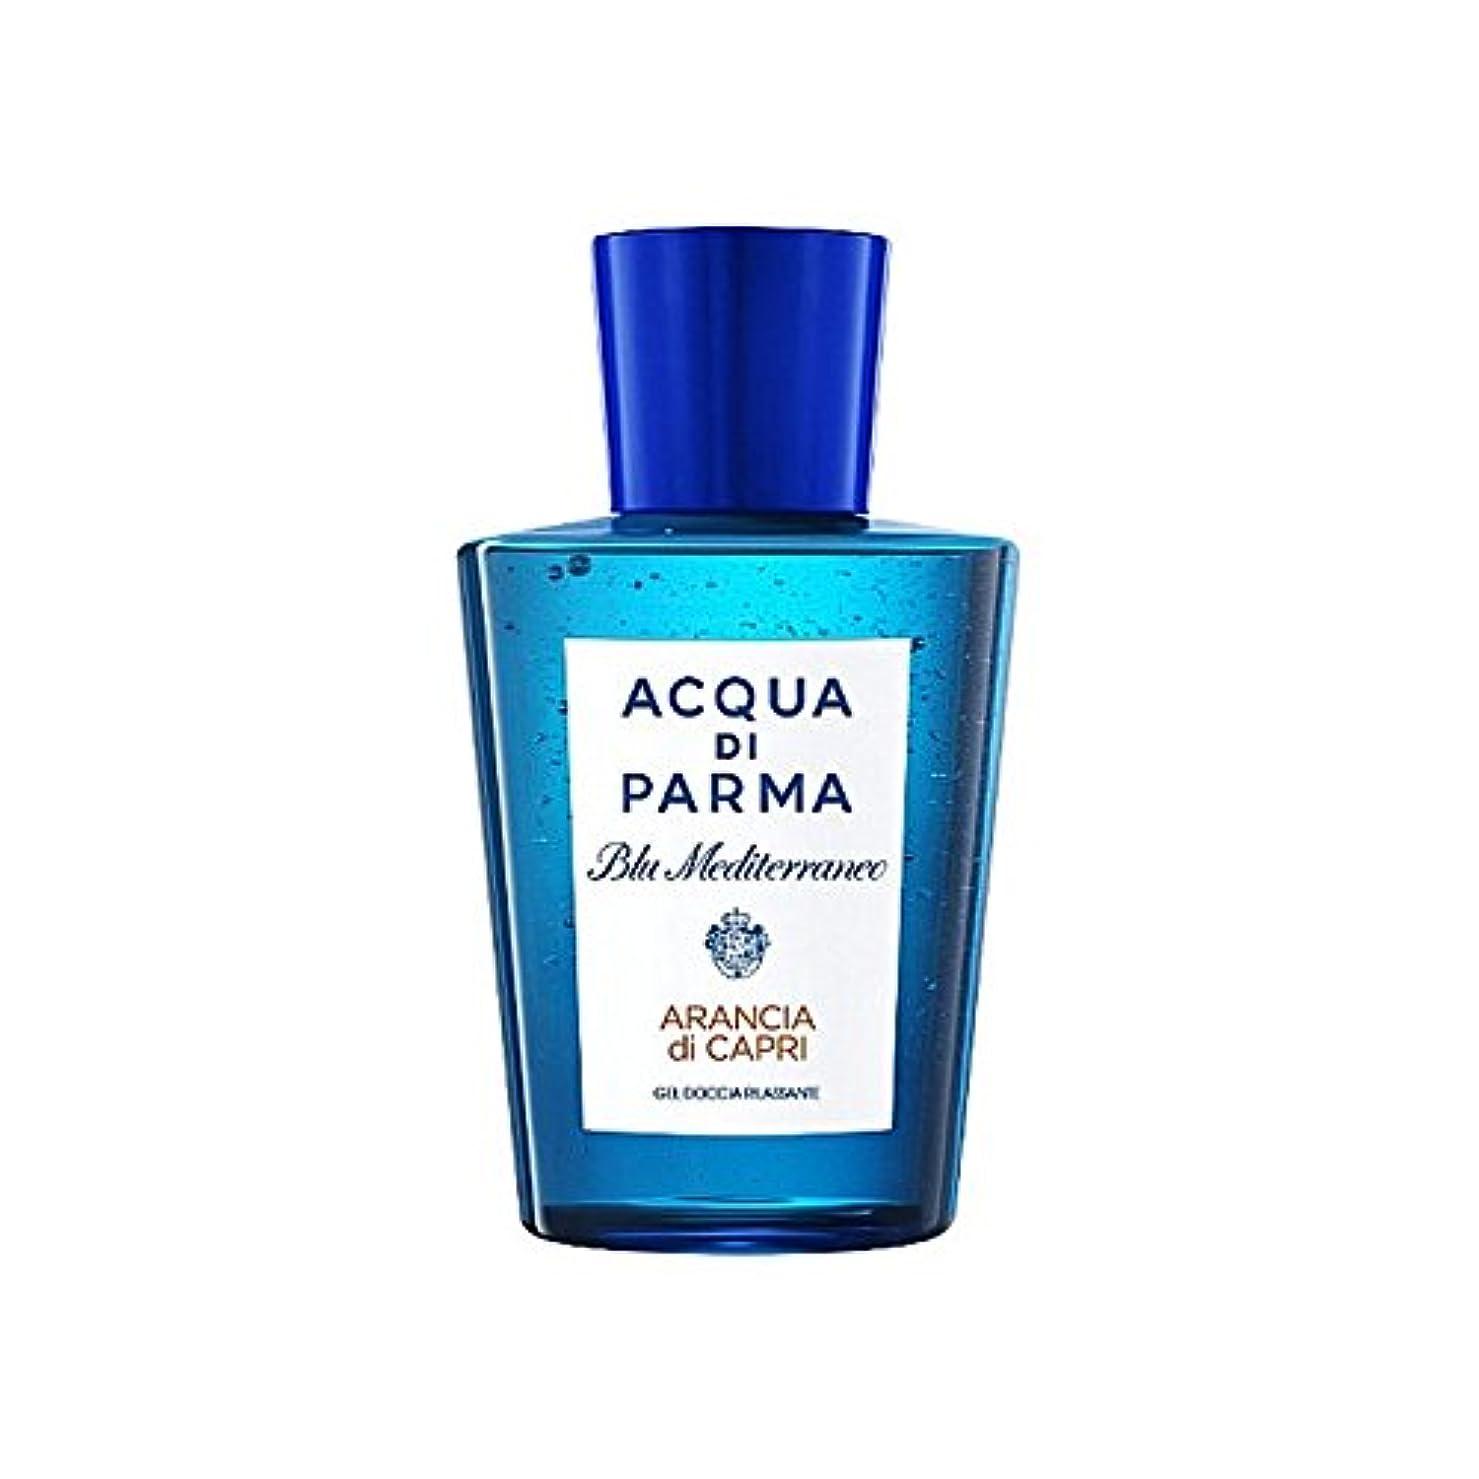 バルブ尊敬するジャンクAcqua Di Parma Blu Mediterraneo Arancia Di Capri Shower Gel 200ml - アクアディパルマブルーメディのアランシアジカプリシャワージェル200 [並行輸入品]